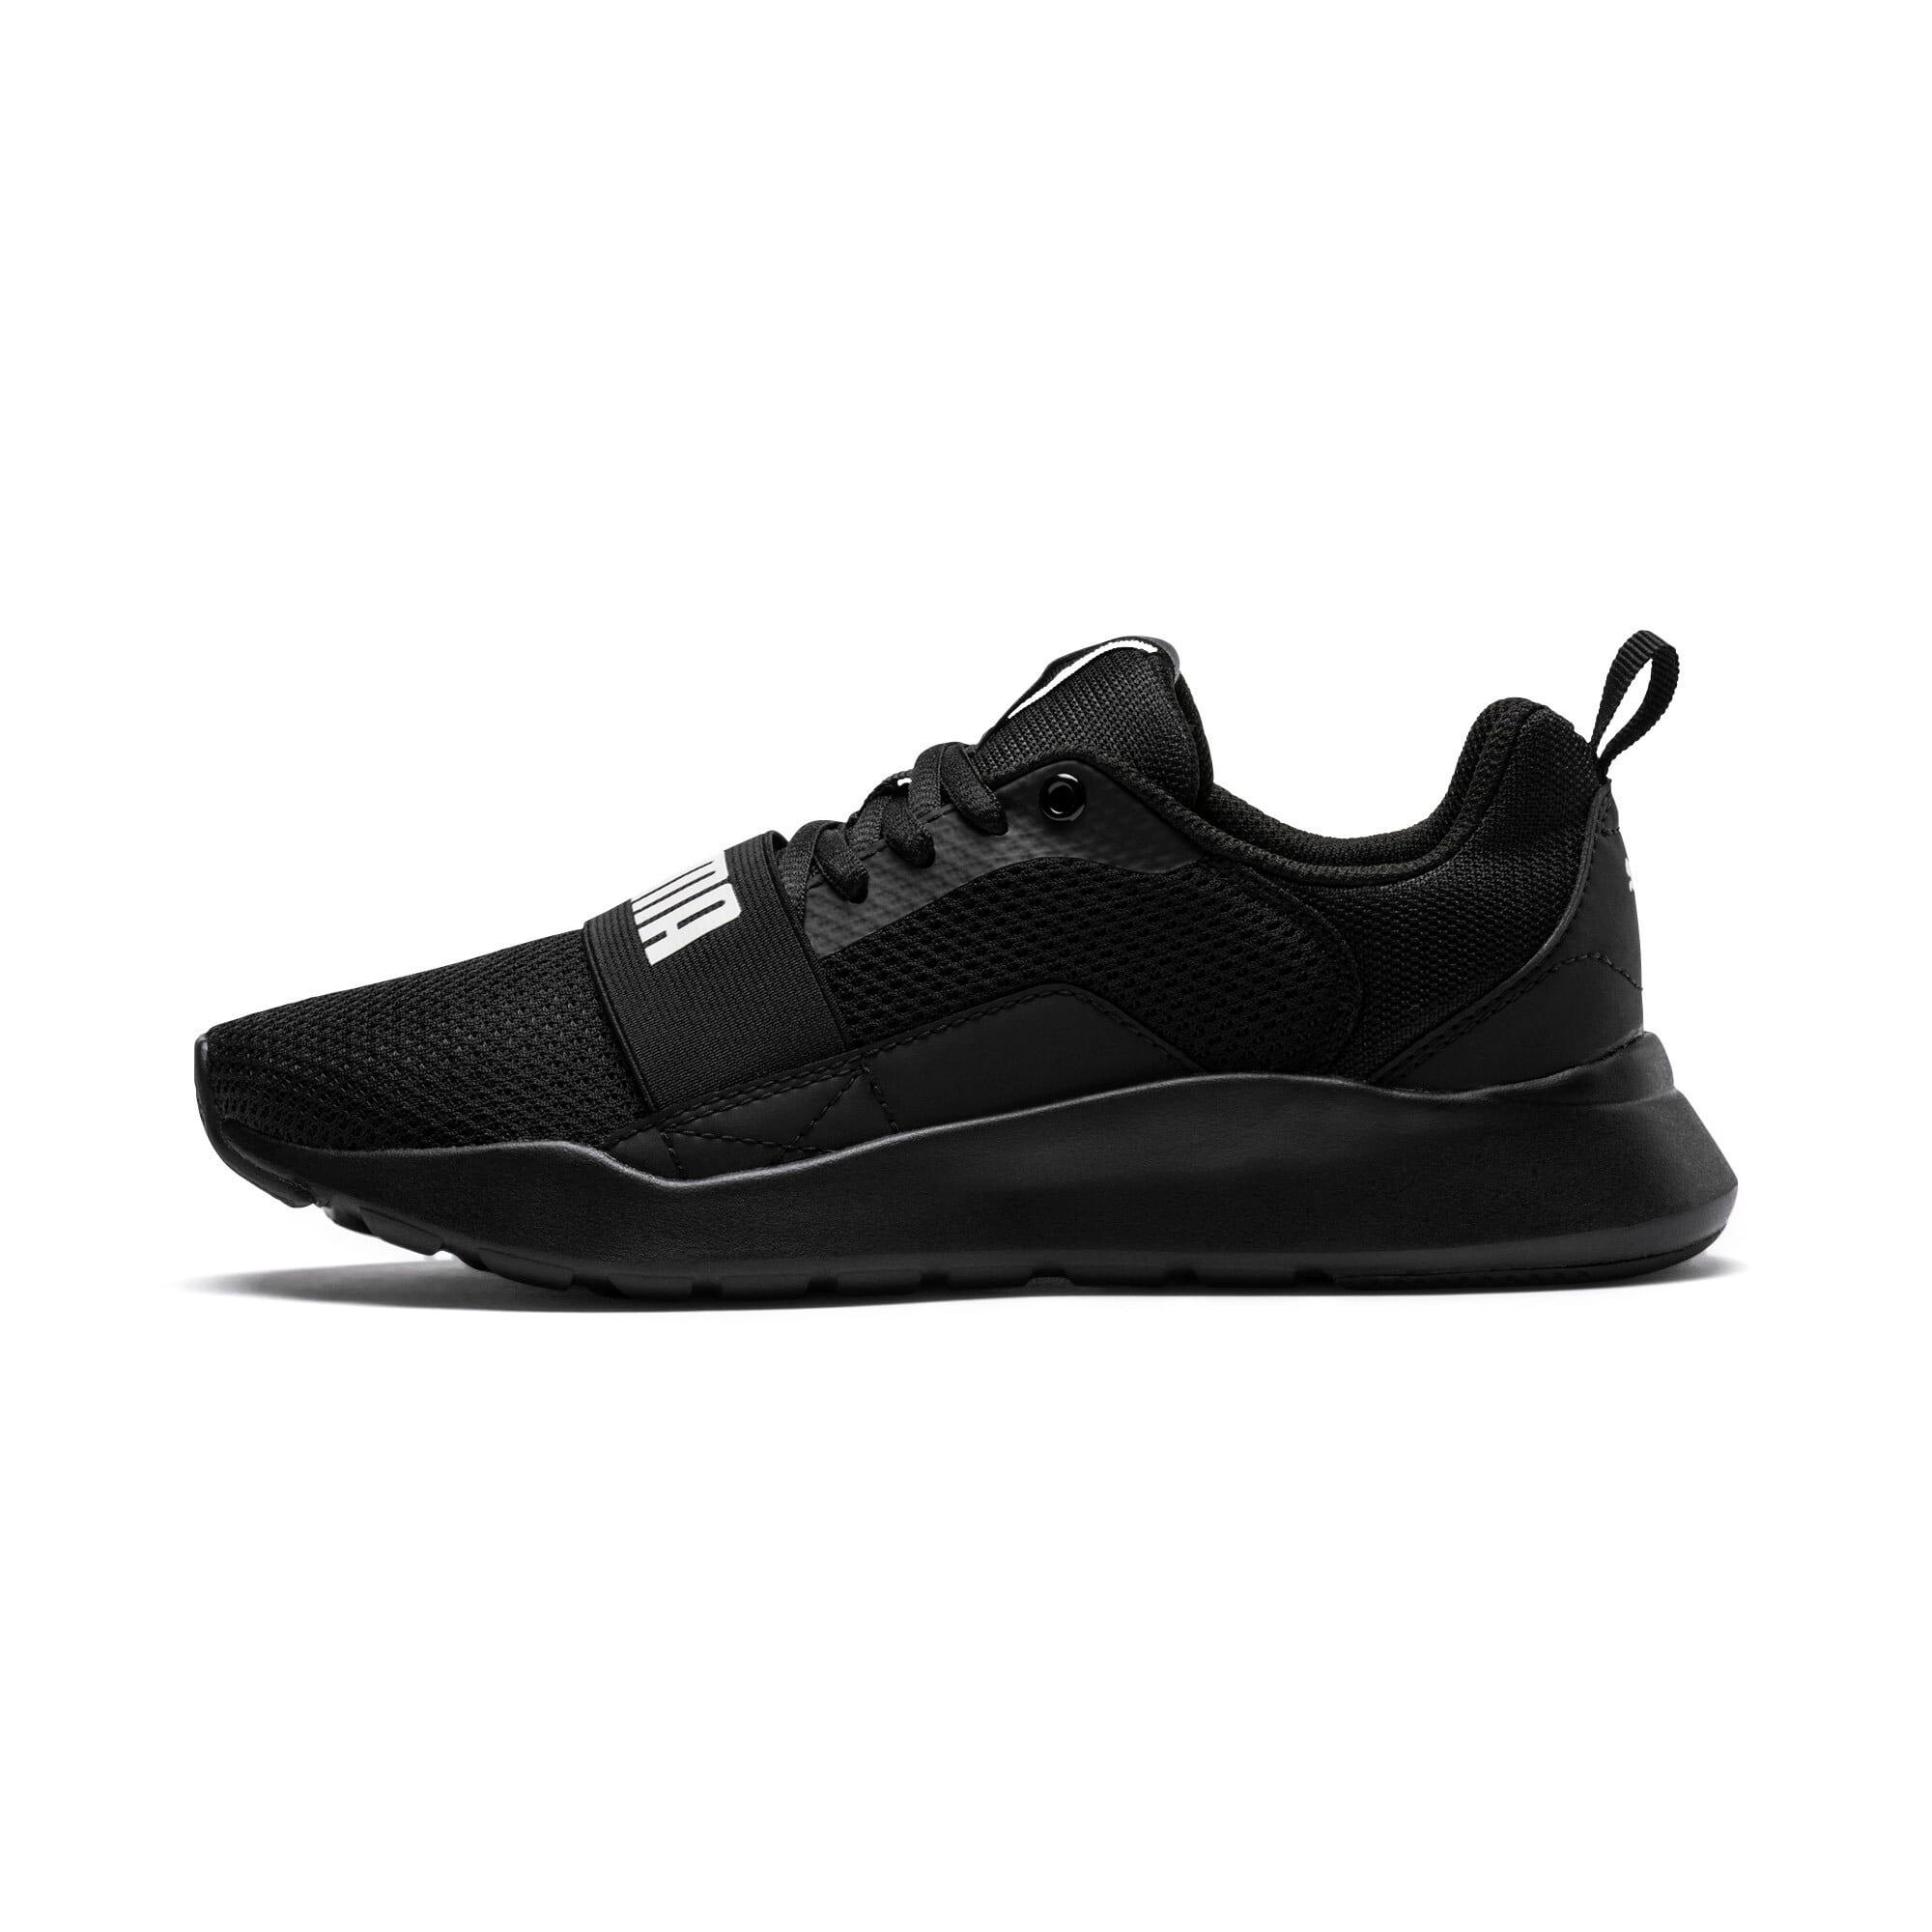 Miniatura 1 de Zapatos deportivos PUMA Wired JR, Puma Black-Puma Black- Negro, mediano